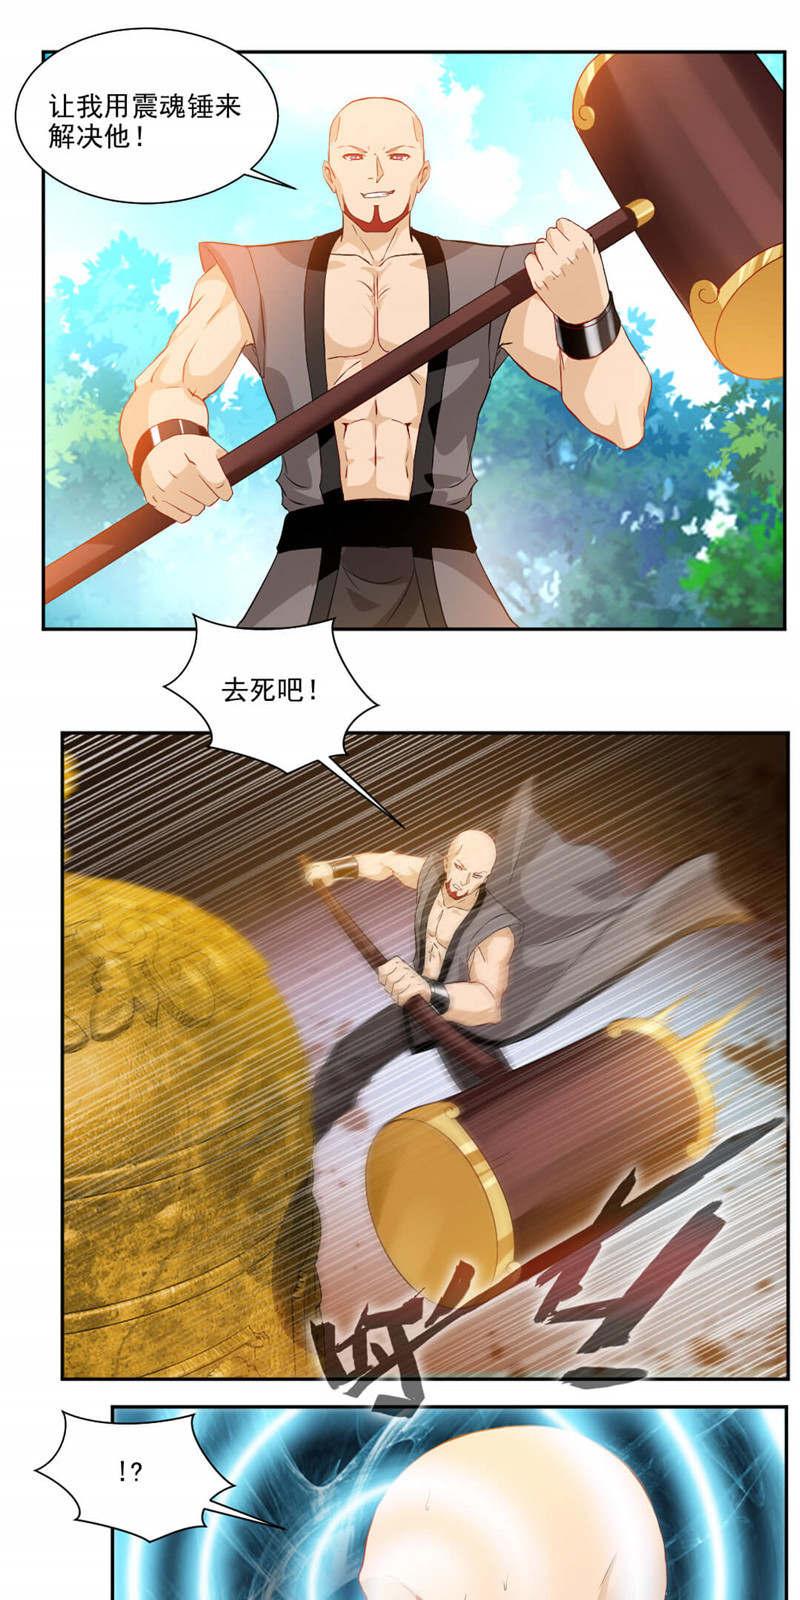 九阳神王第35话  震魂钟+震魂锤=? 第 14